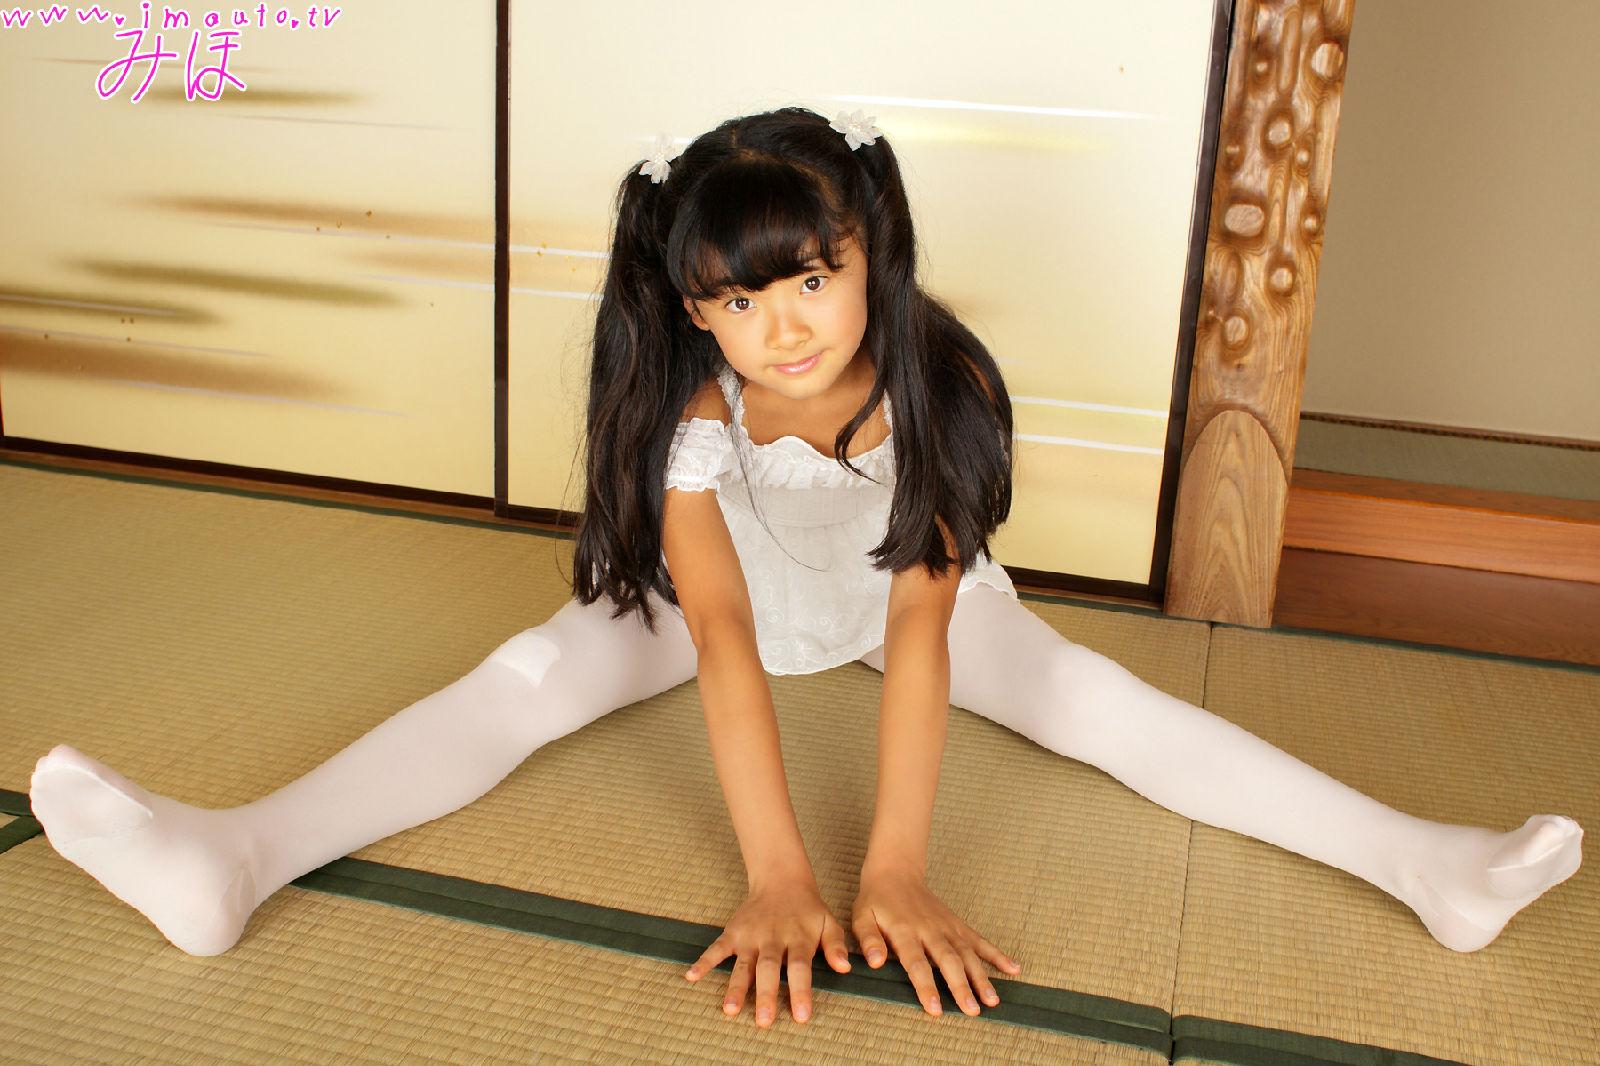 哪里有小女孩穿白色连裤袜的图片?相册也行